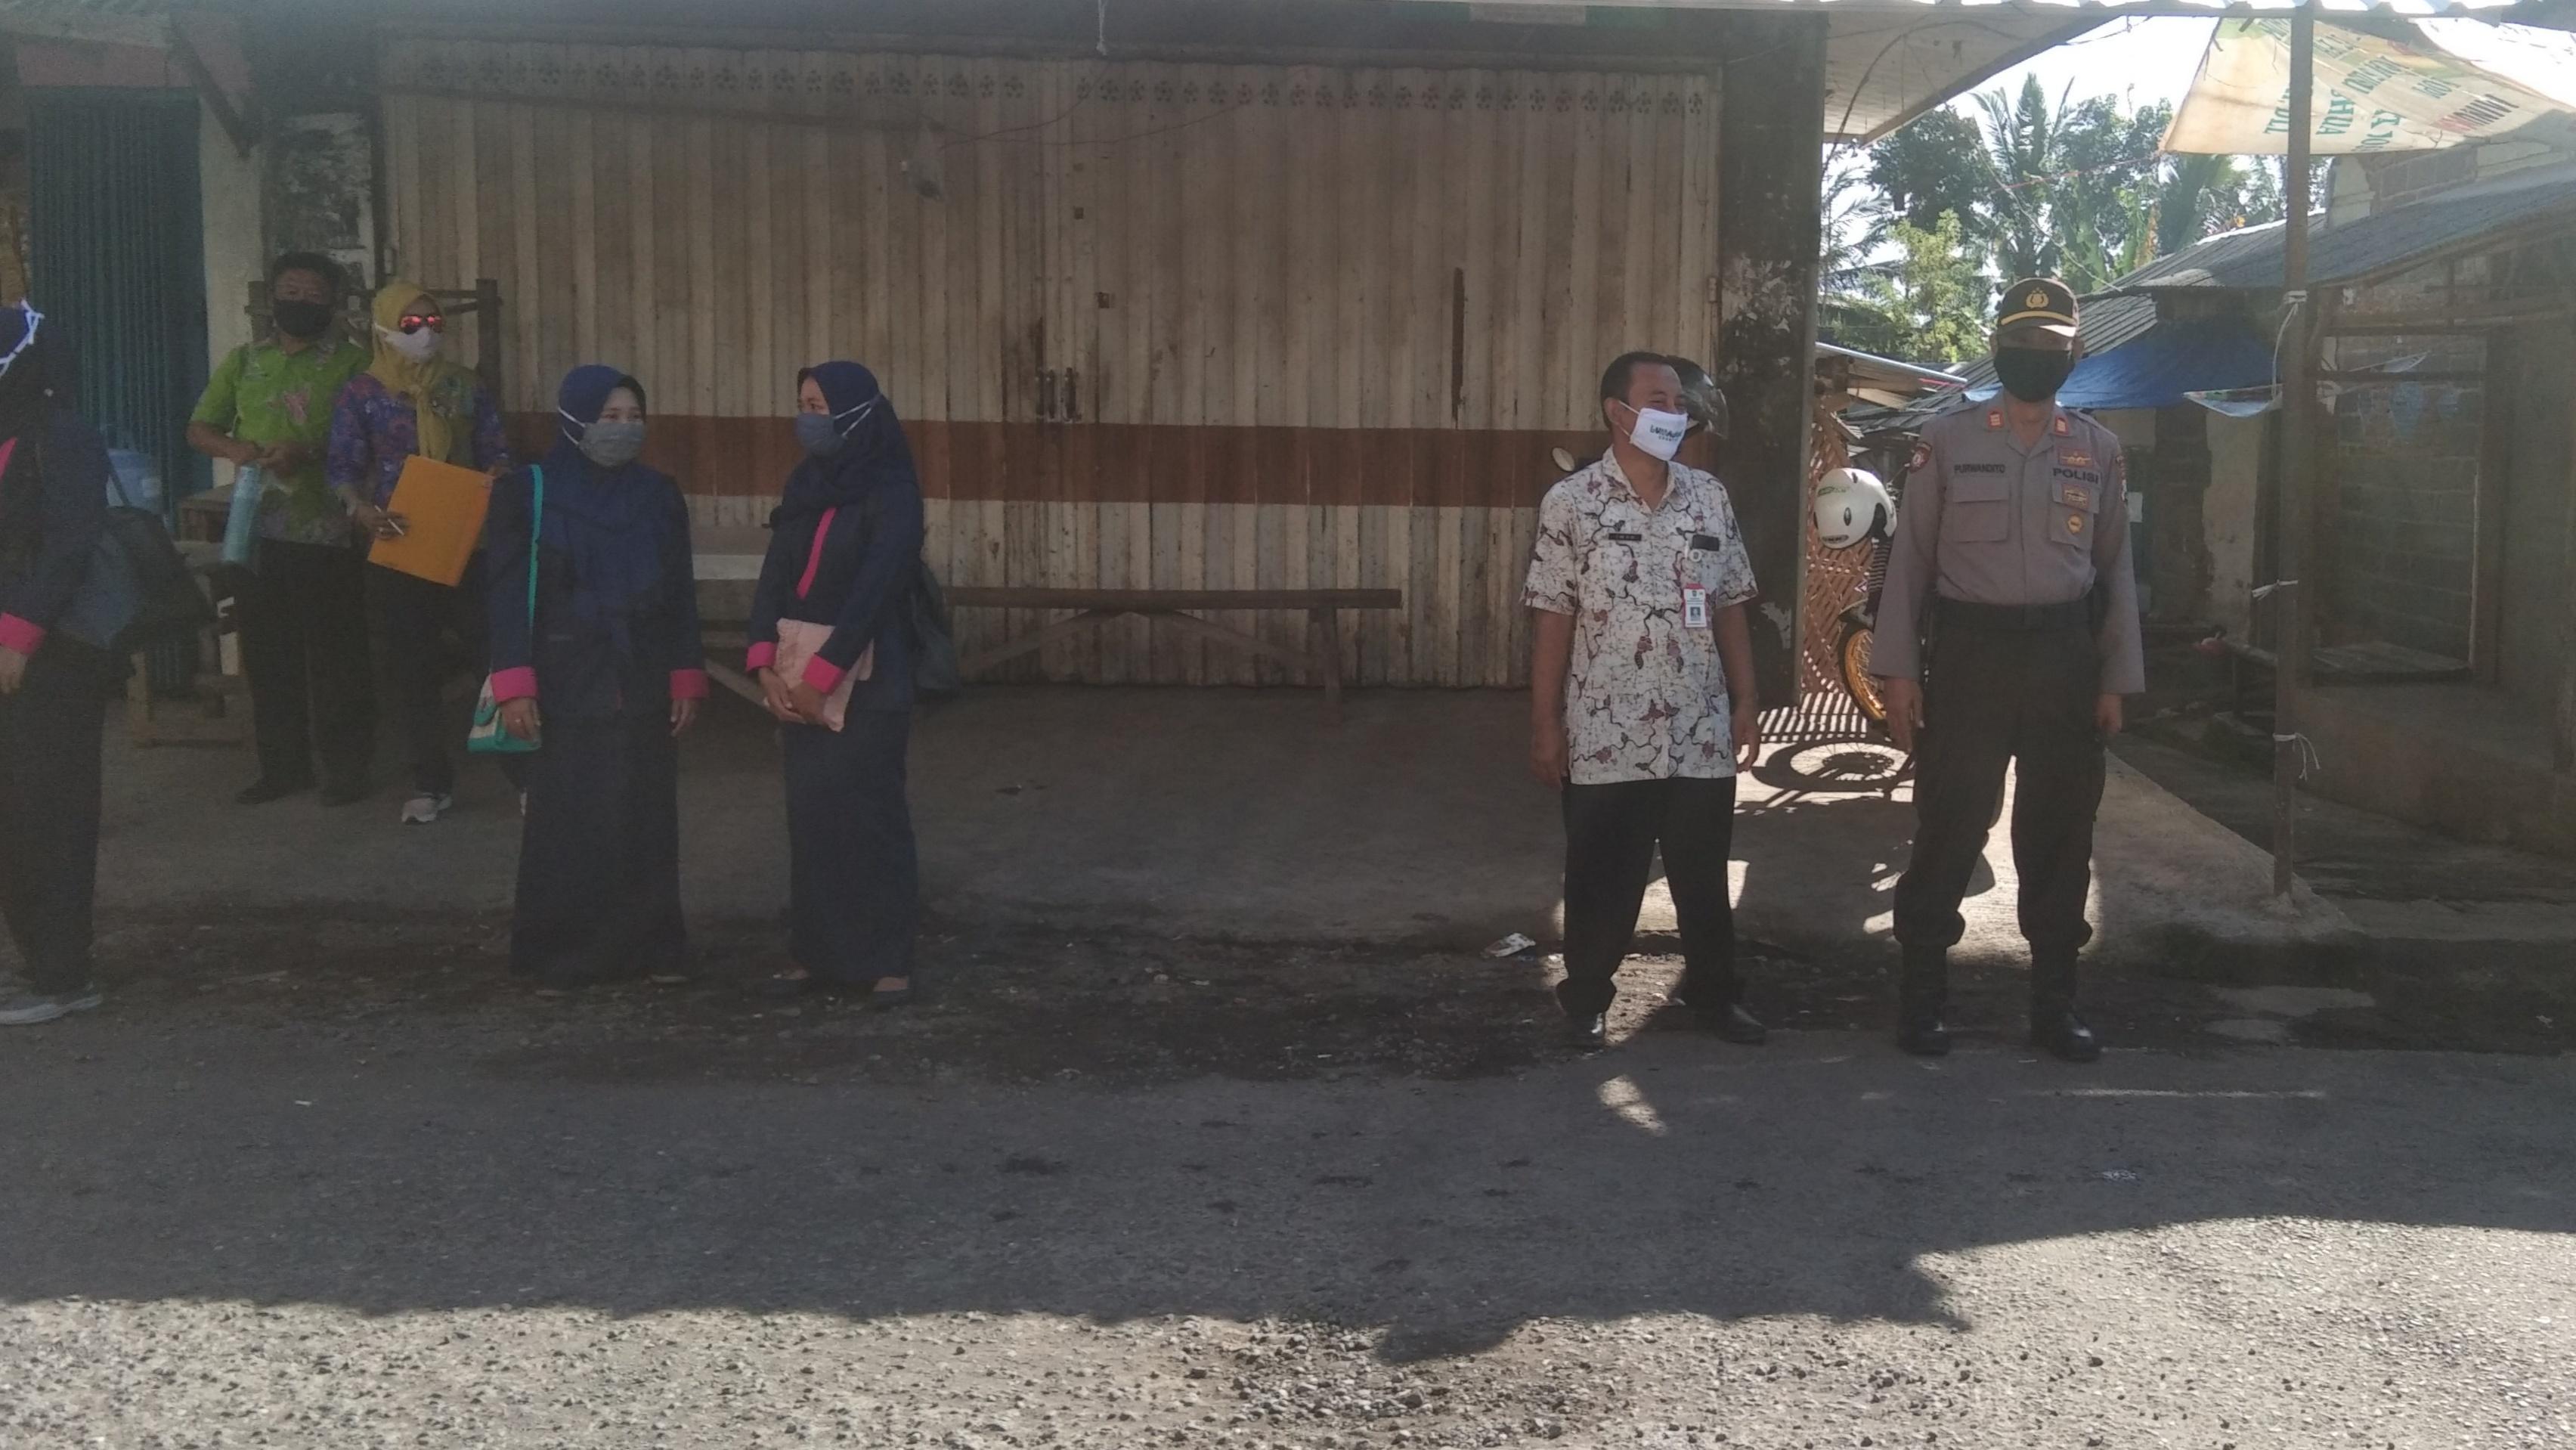 #2 Operasi penegakan disiplin memakai masker serentak